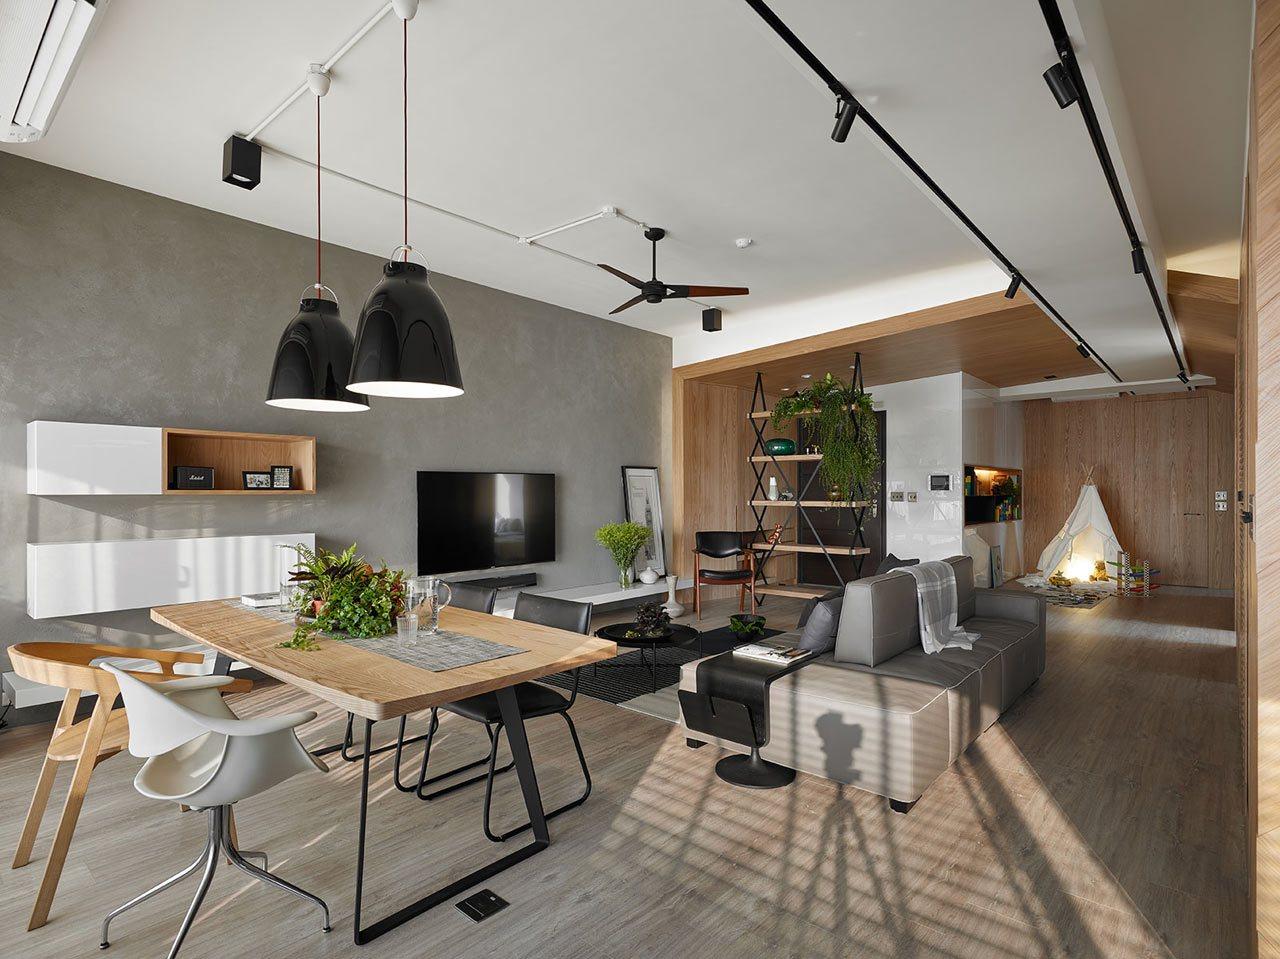 采用木材表面为室内空间创造舒适温馨的感觉